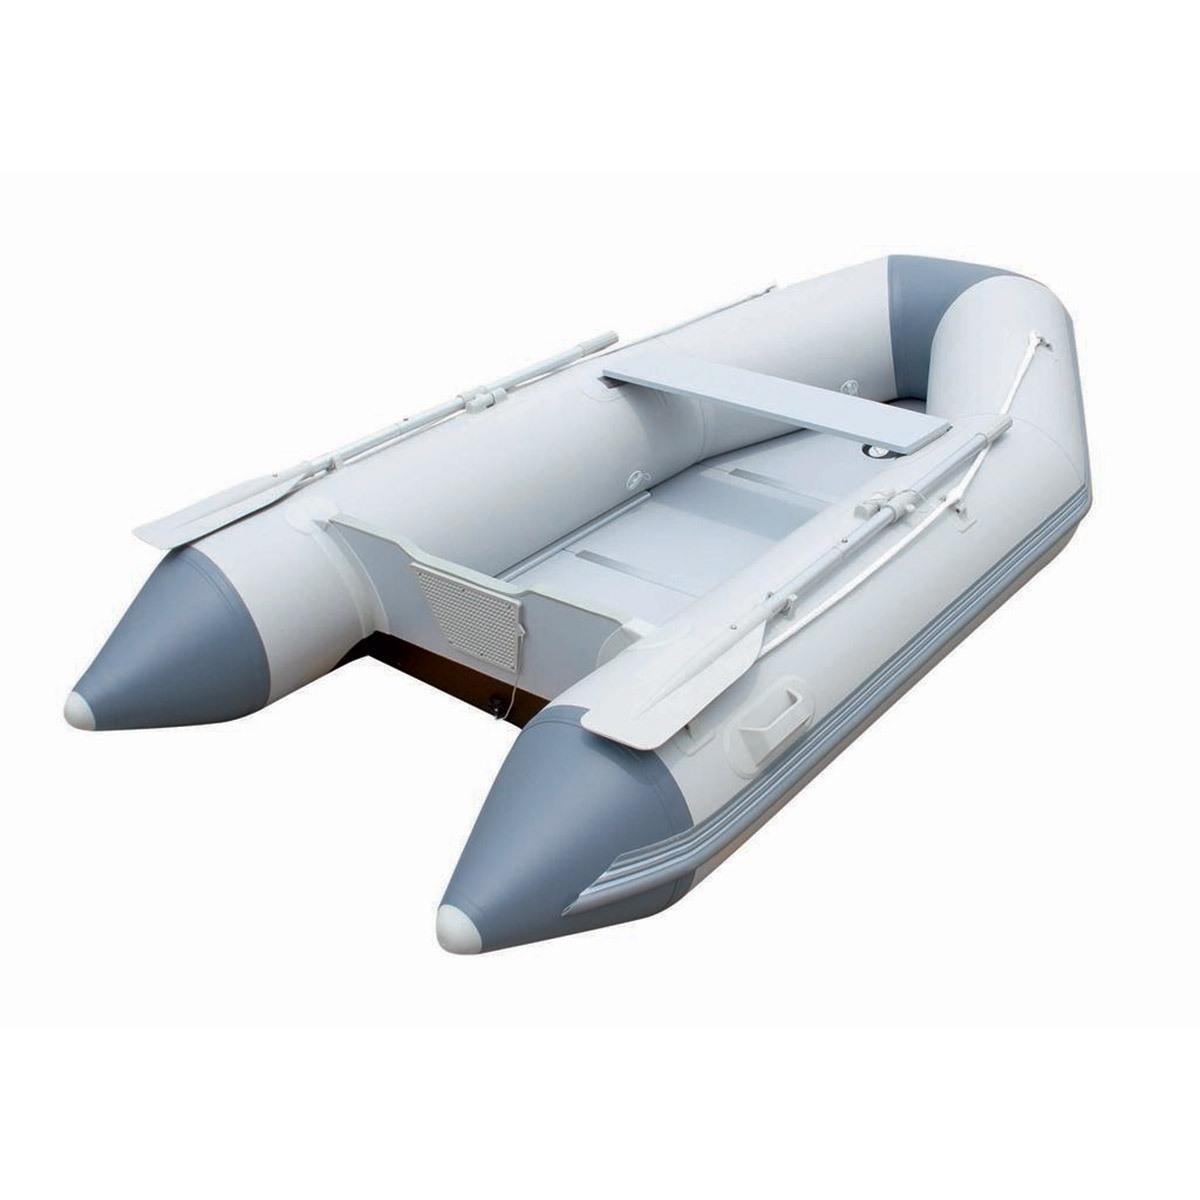 bateau pneumatique solde